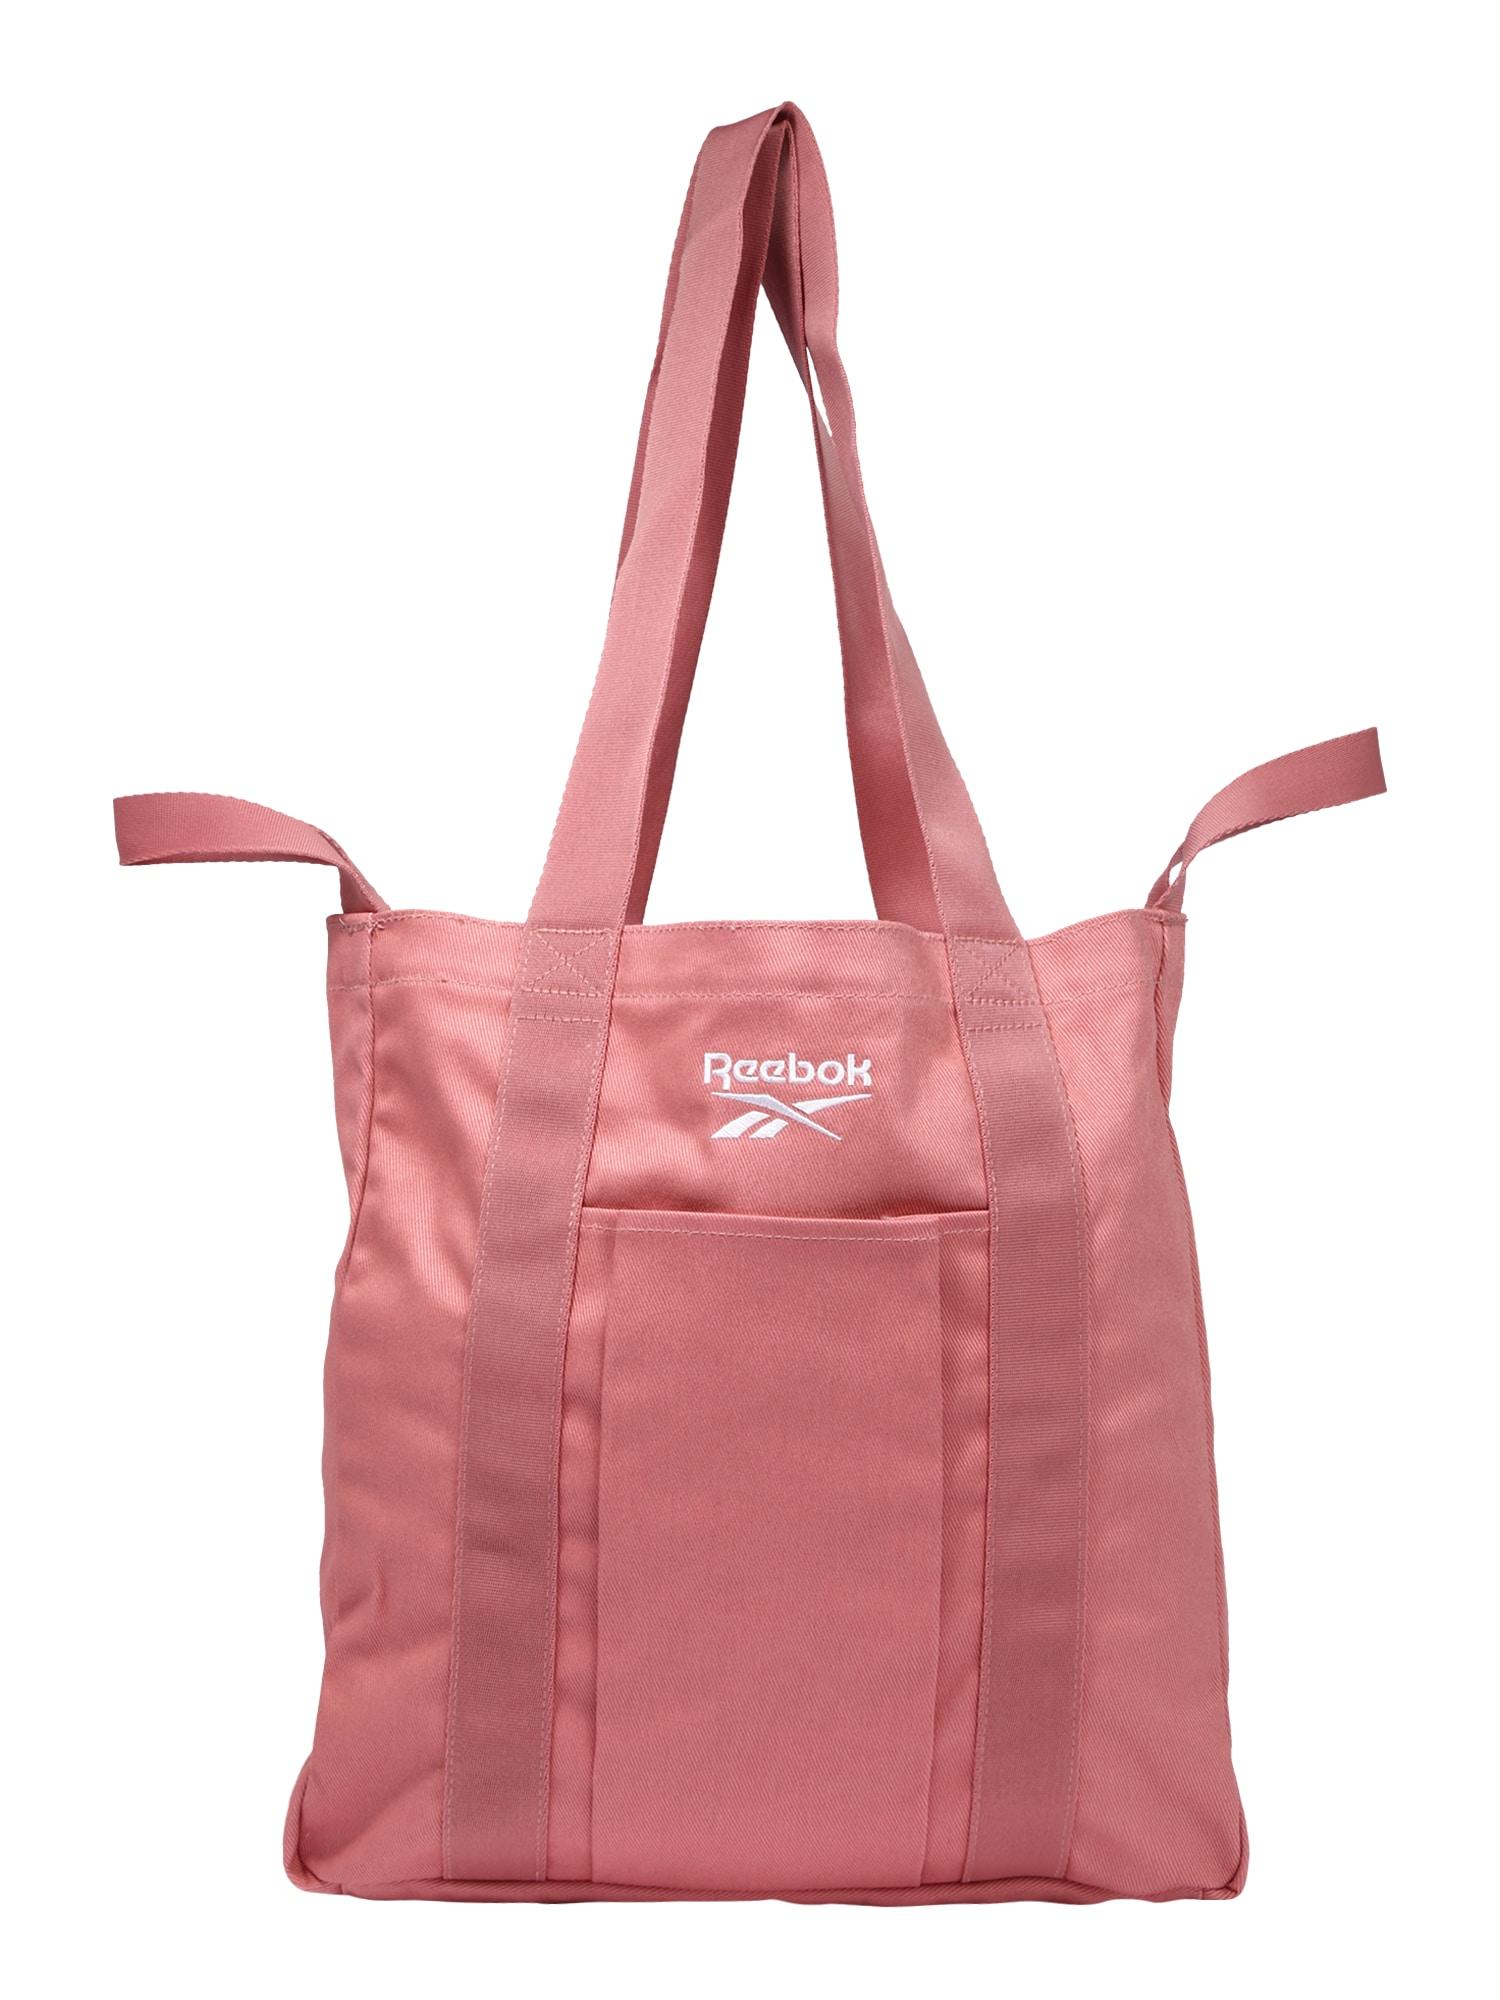 Reebok Classic Pirkinių krepšys rožių spalva / balta